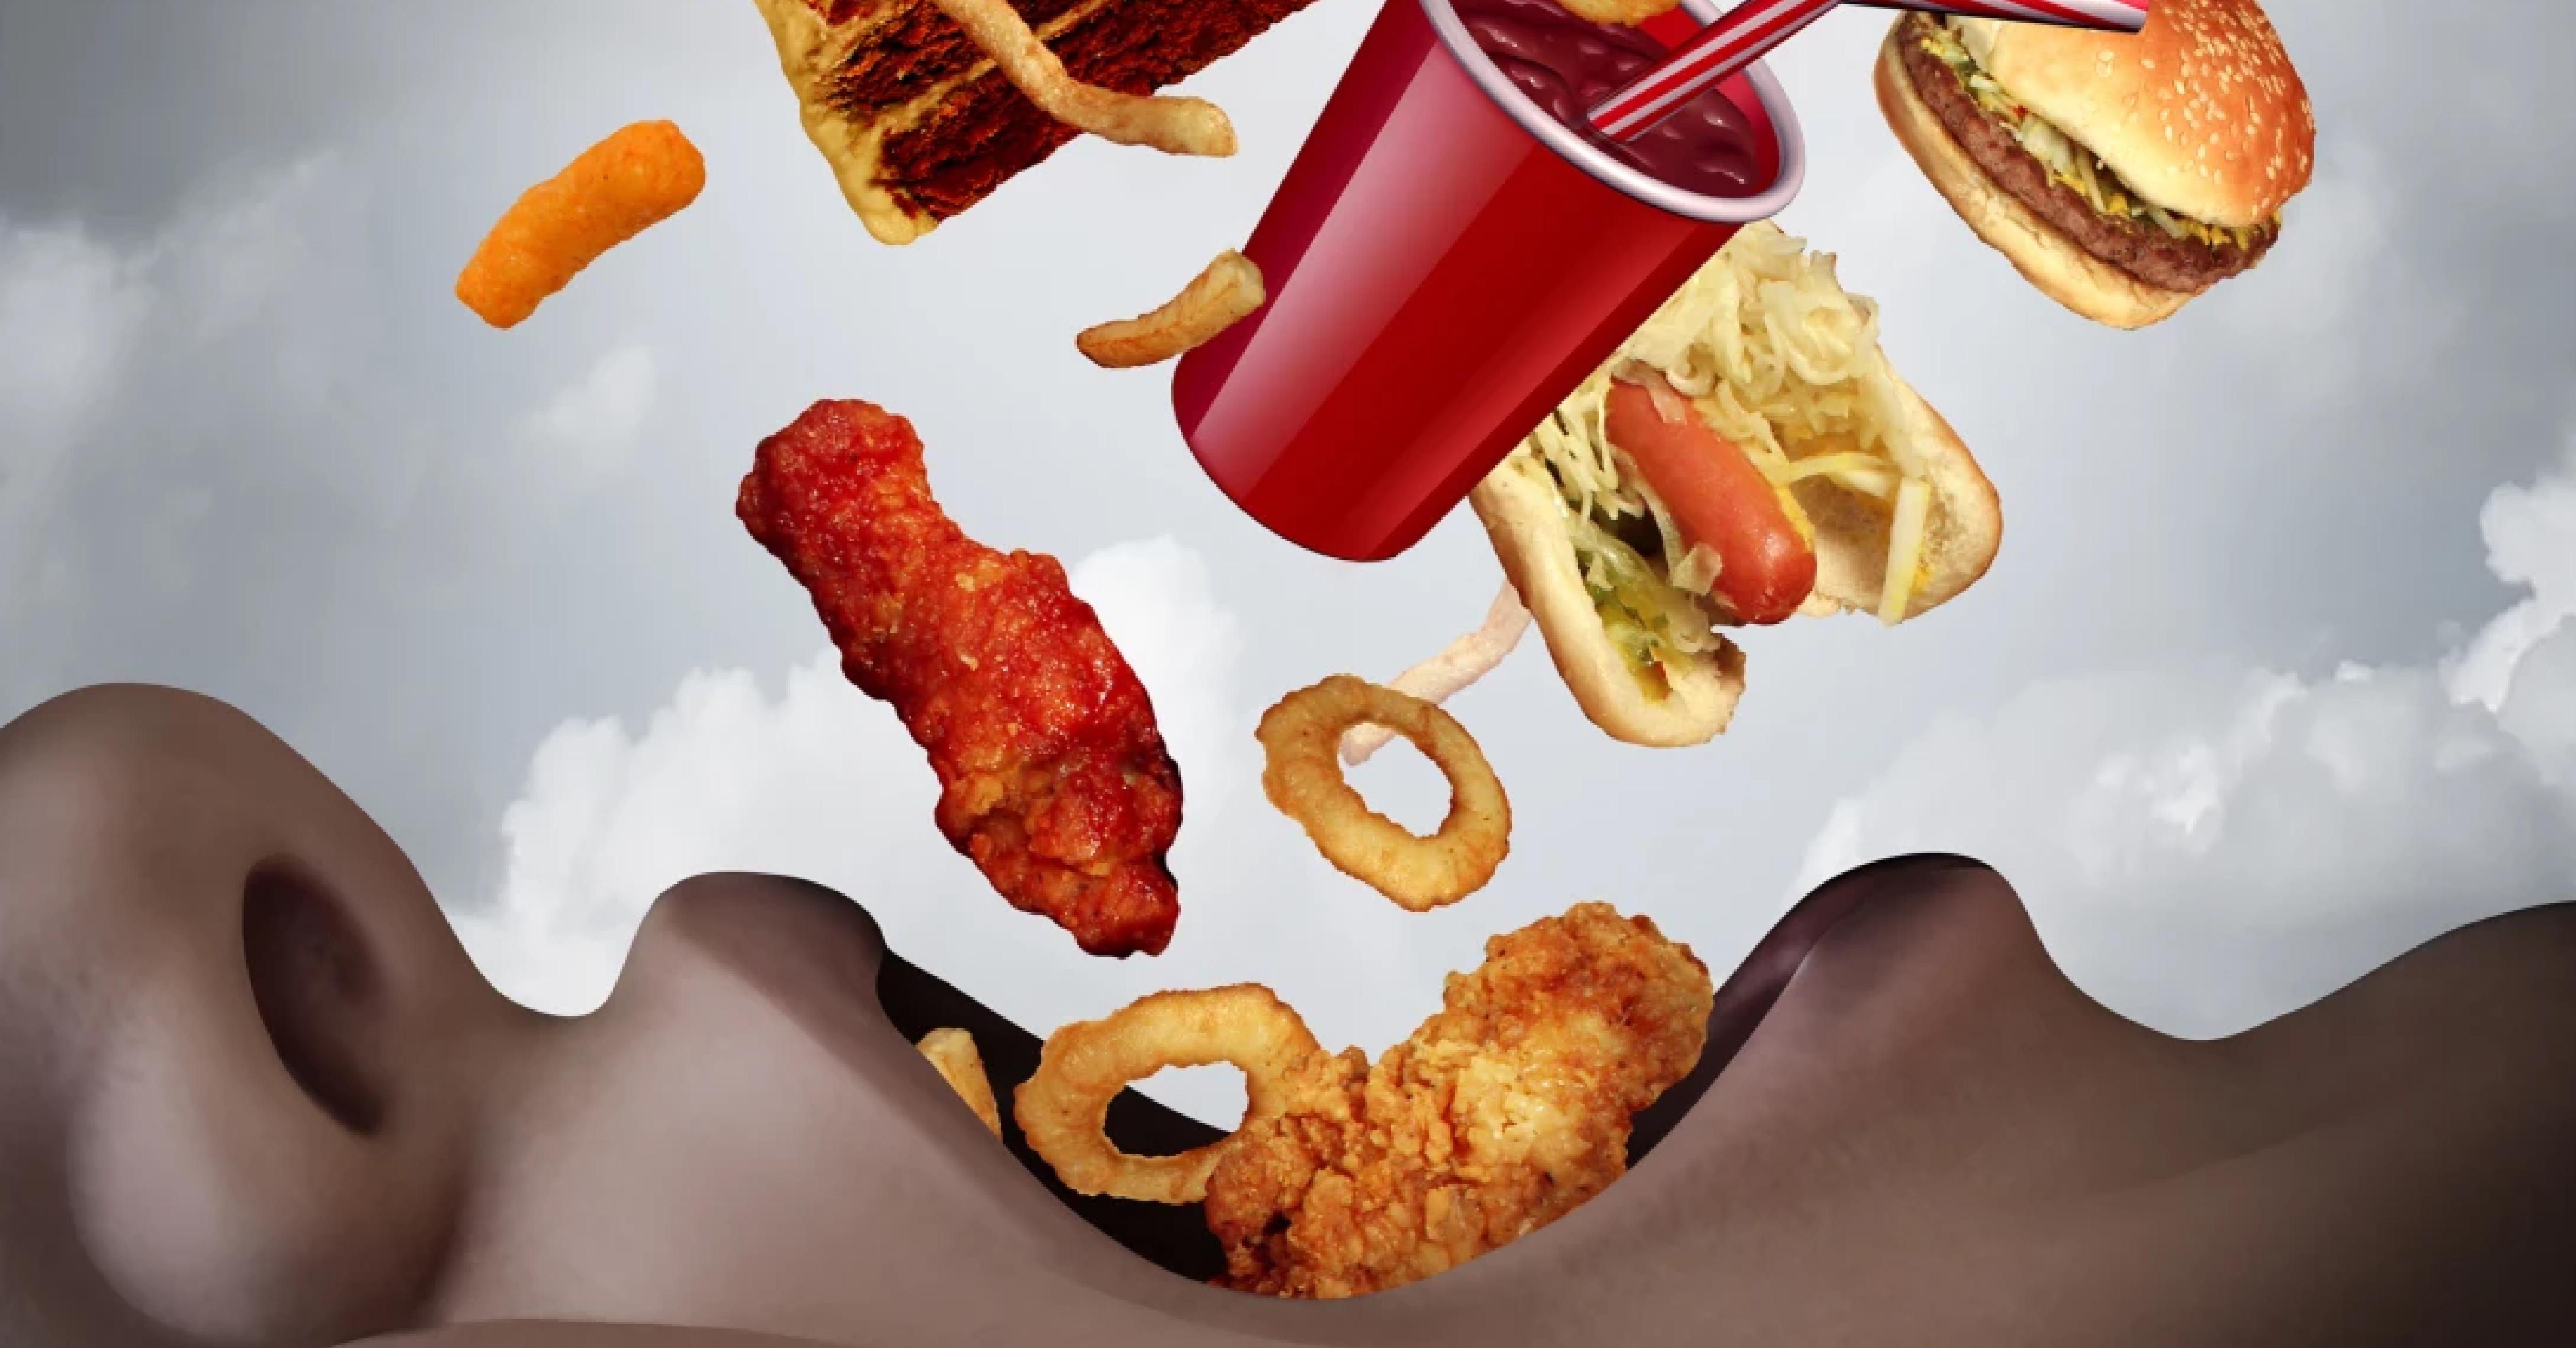 Dieta. Diamo il giusto peso alla tua vita!